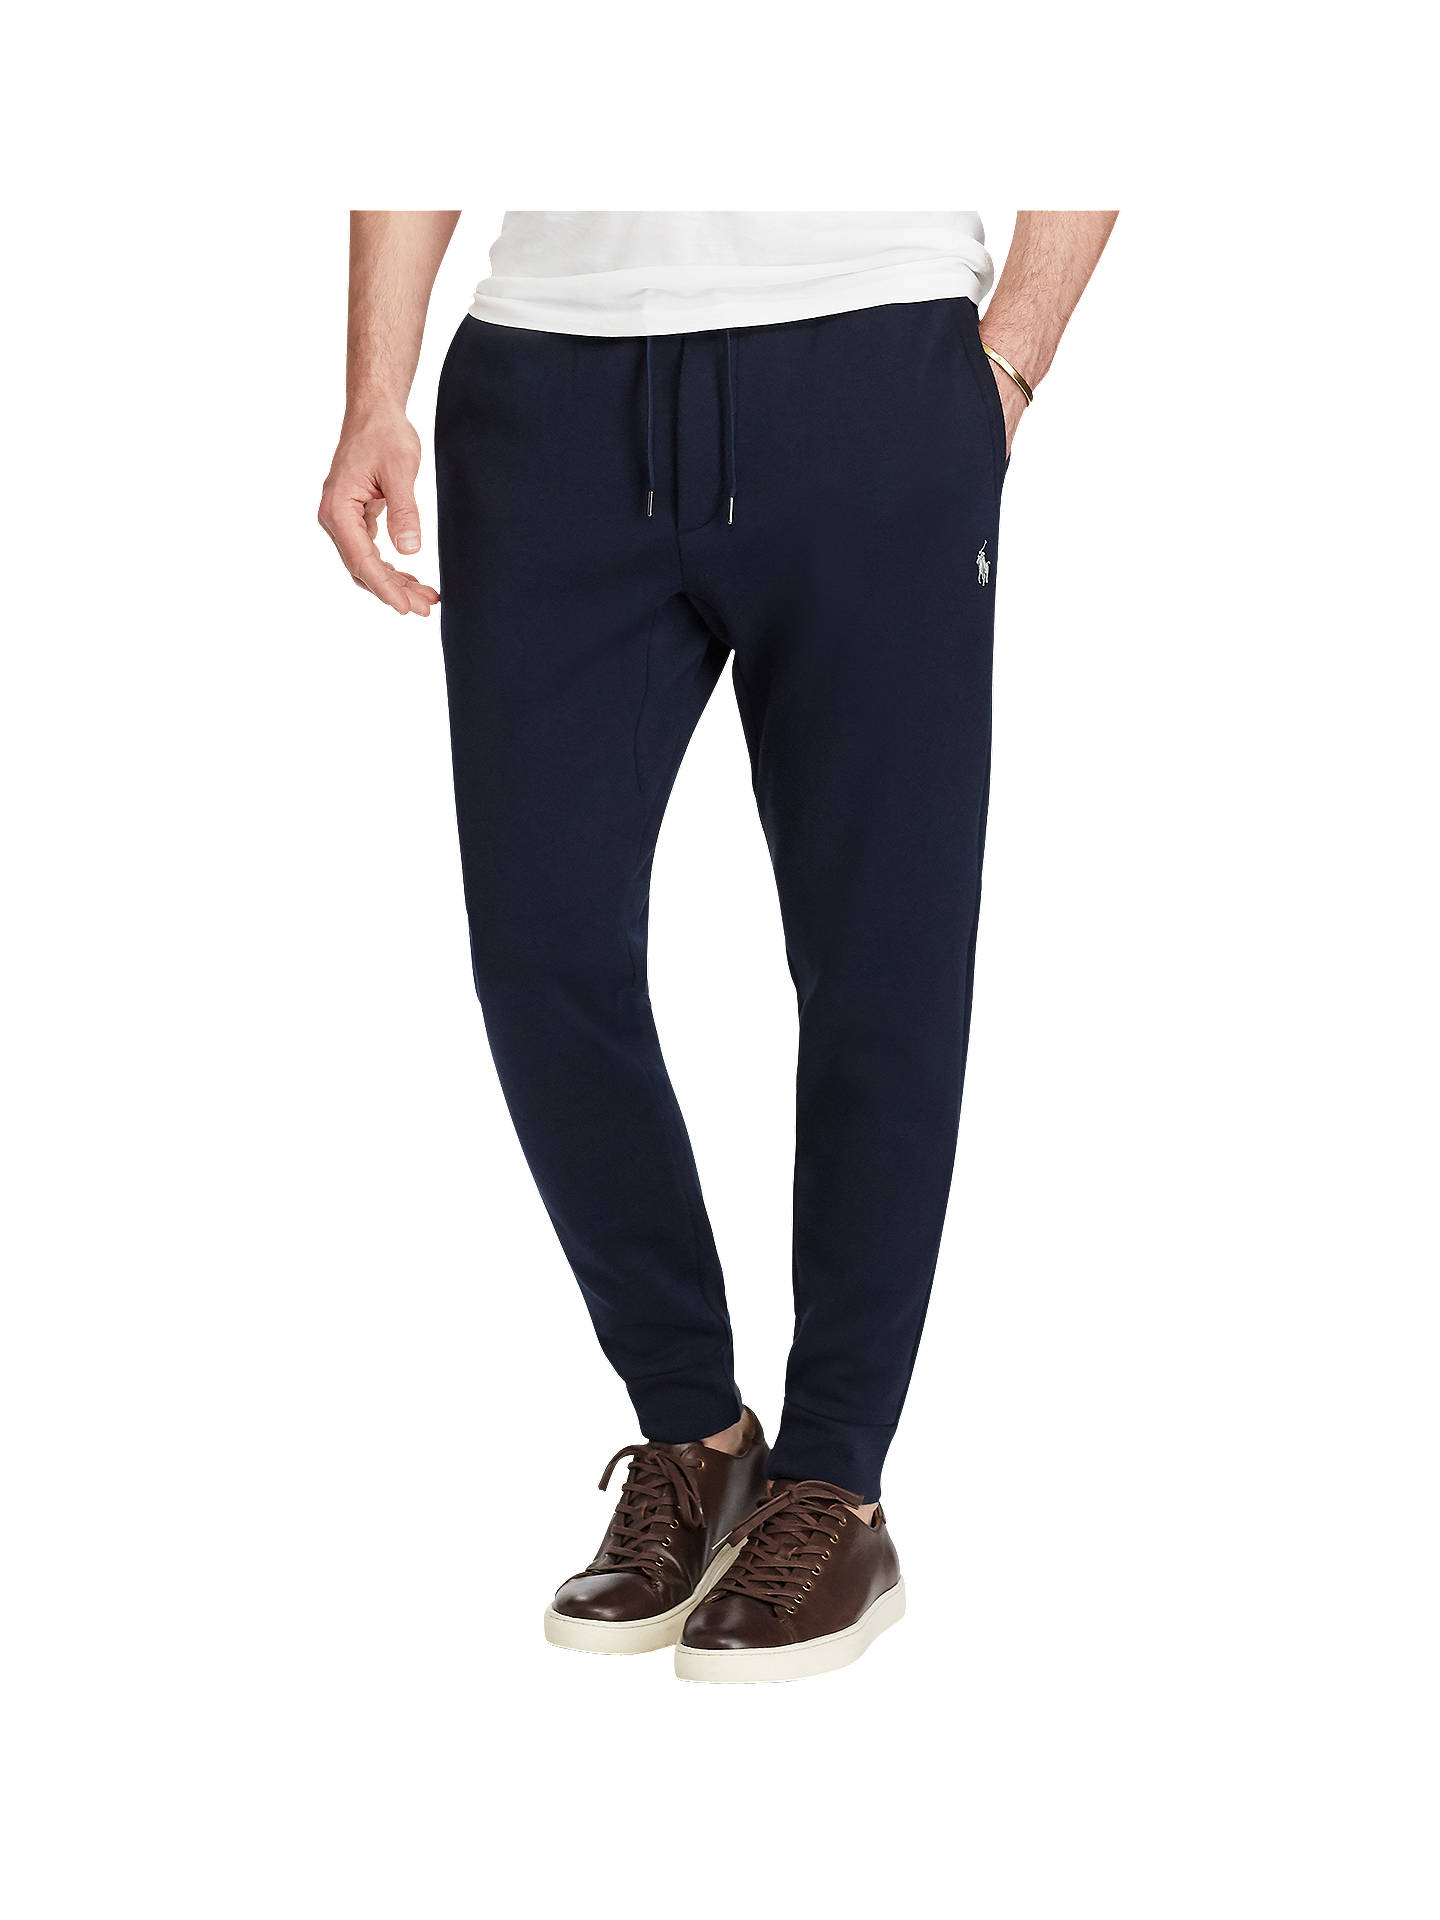 7e47d5ceb Buy Polo Ralph Lauren Double-Knit Jogging Bottoms